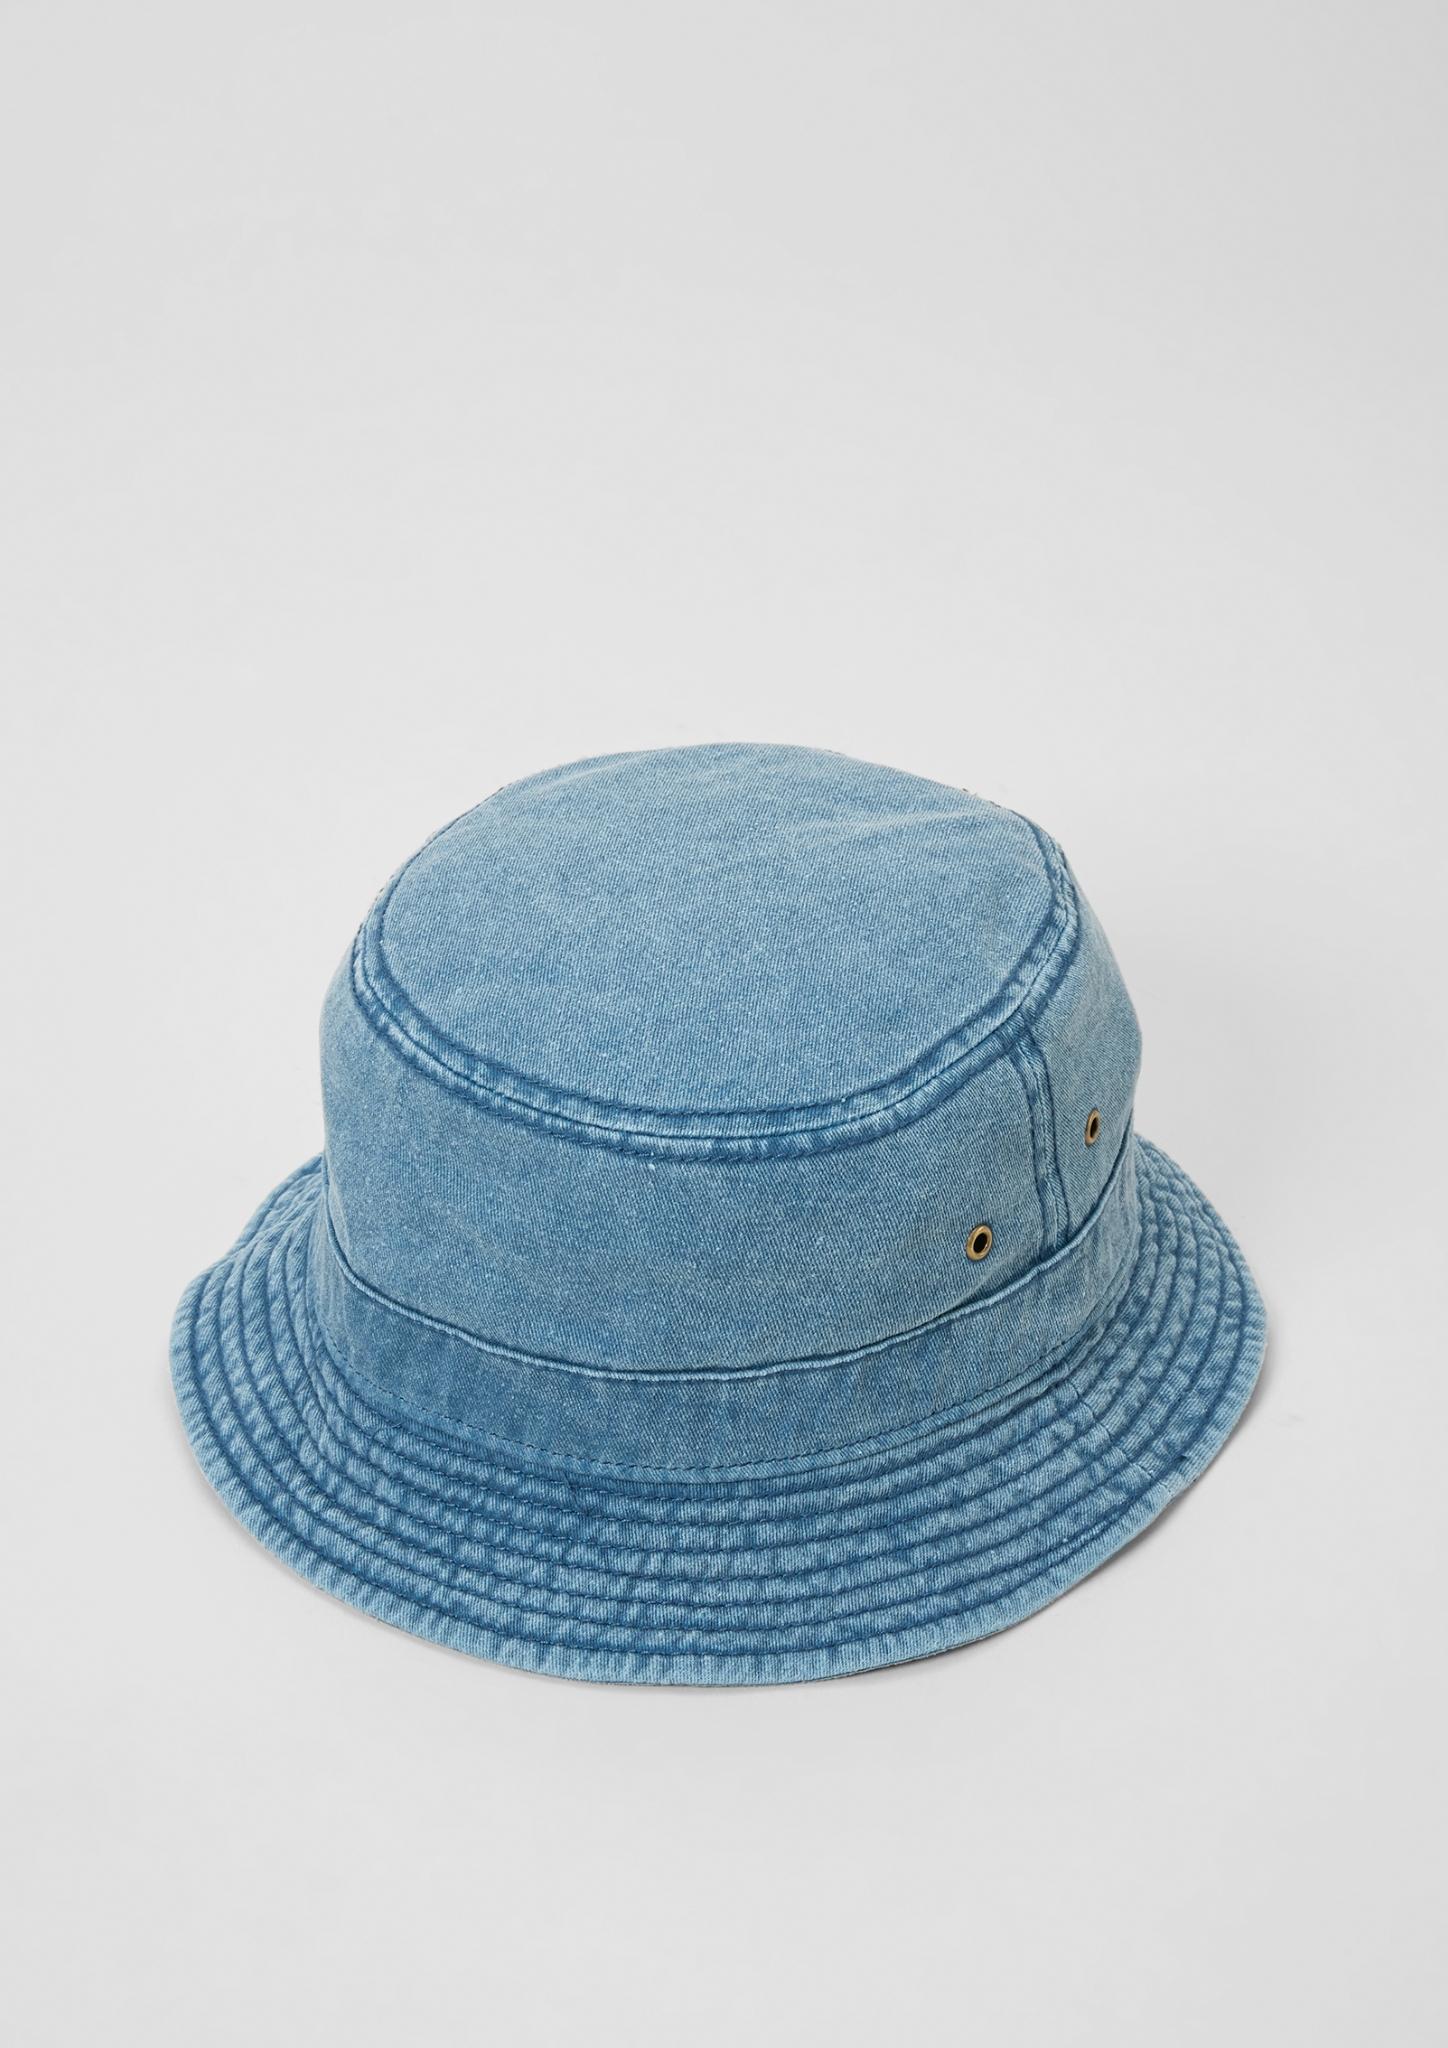 Sonnenhut | Accessoires > Hüte > Sonnenhüte | Blau | 100% baumwolle | s.Oliver